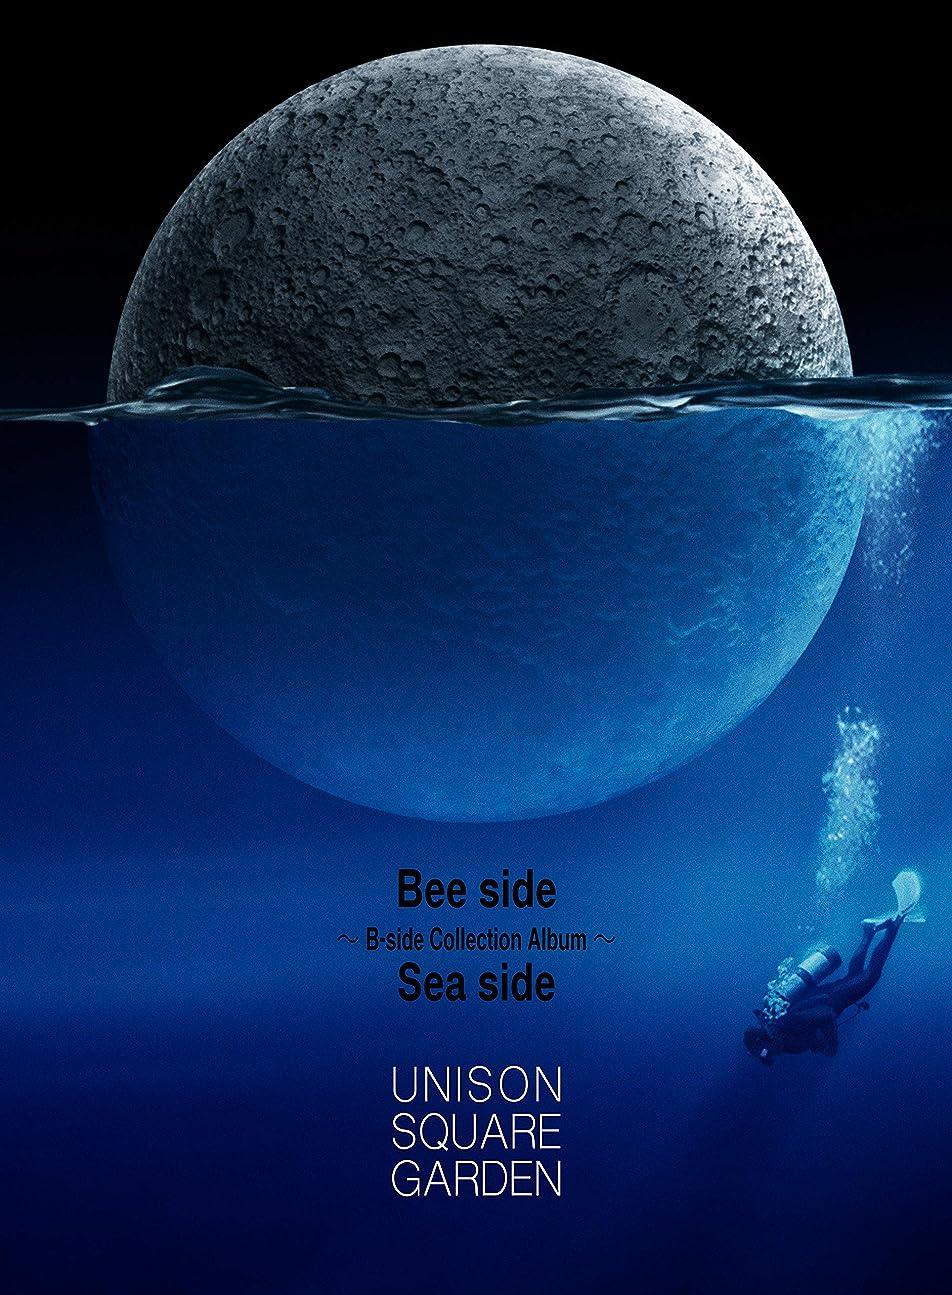 立法警告するハチ【Amazon.co.jp限定】【Amazon.co.jp限定盤(オリジナル?ネックストラップ付)】Bee side Sea side ~B-side Collection Album~ (初回限定盤A) [2CD+BD+ブックレット] (ビニールポーチ付)